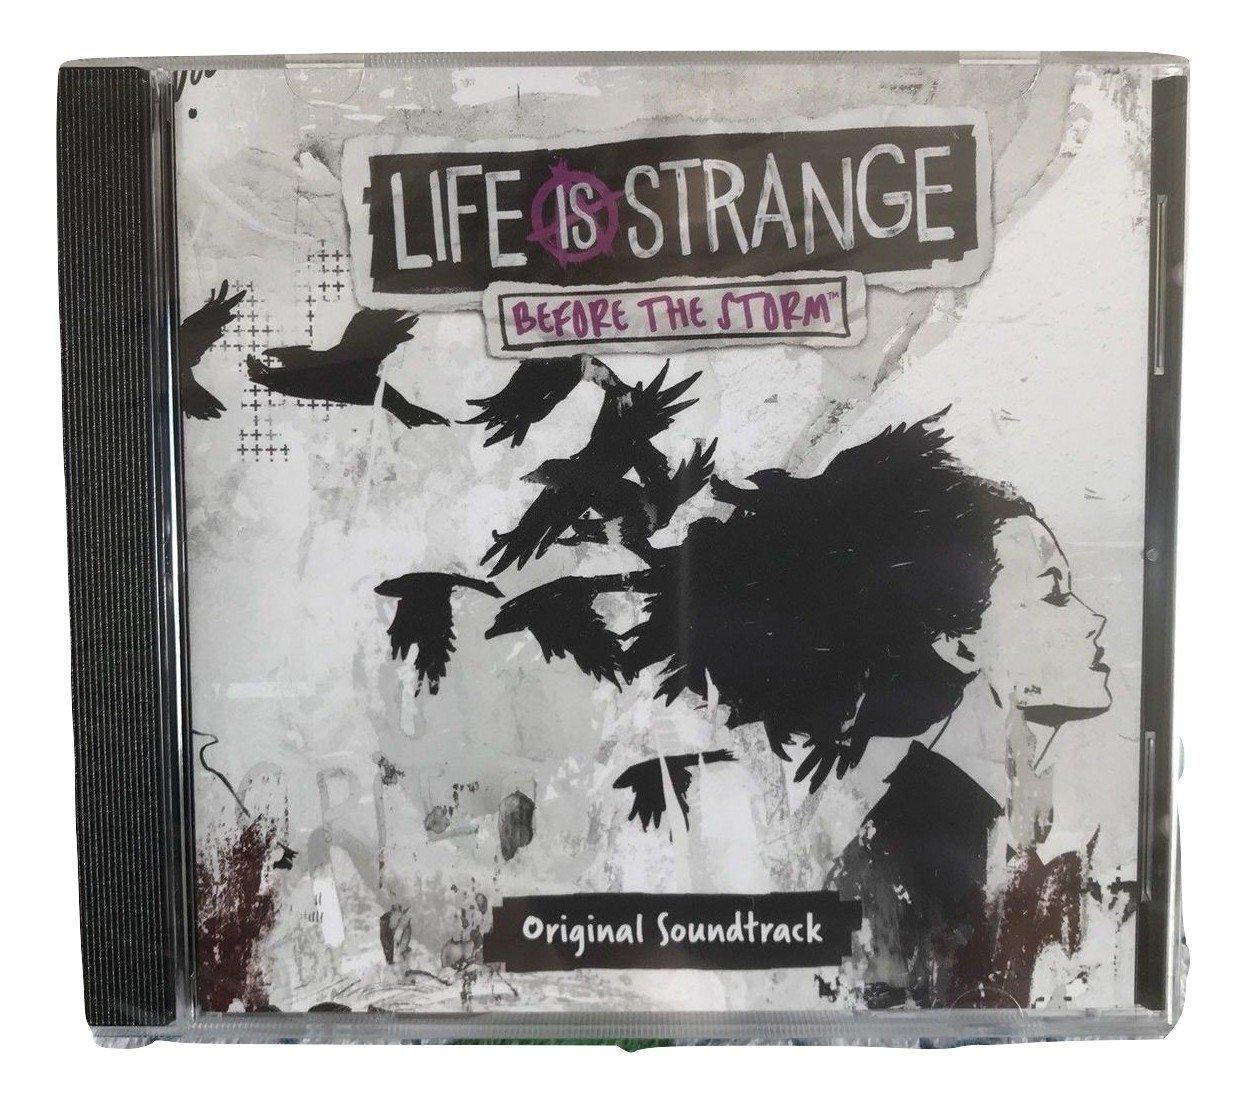 奇异人生br《life is strange:before the storm original soundtrack》brcd级无损44.1khz16bit